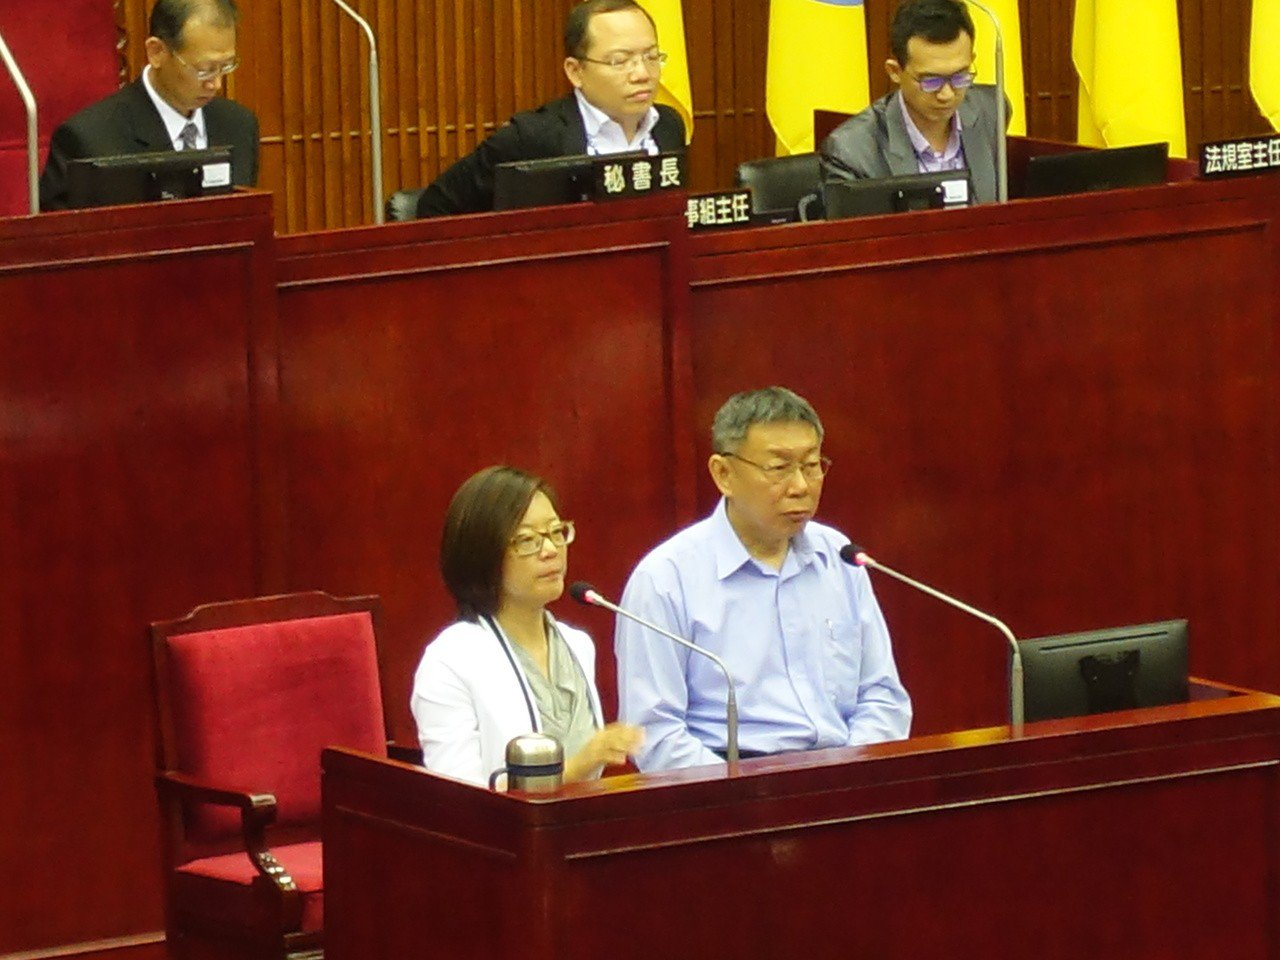 2020總統大選氣氛熱烈,台北市長柯文哲昨赴議會施政報告,被問到是否覺得有比總統...